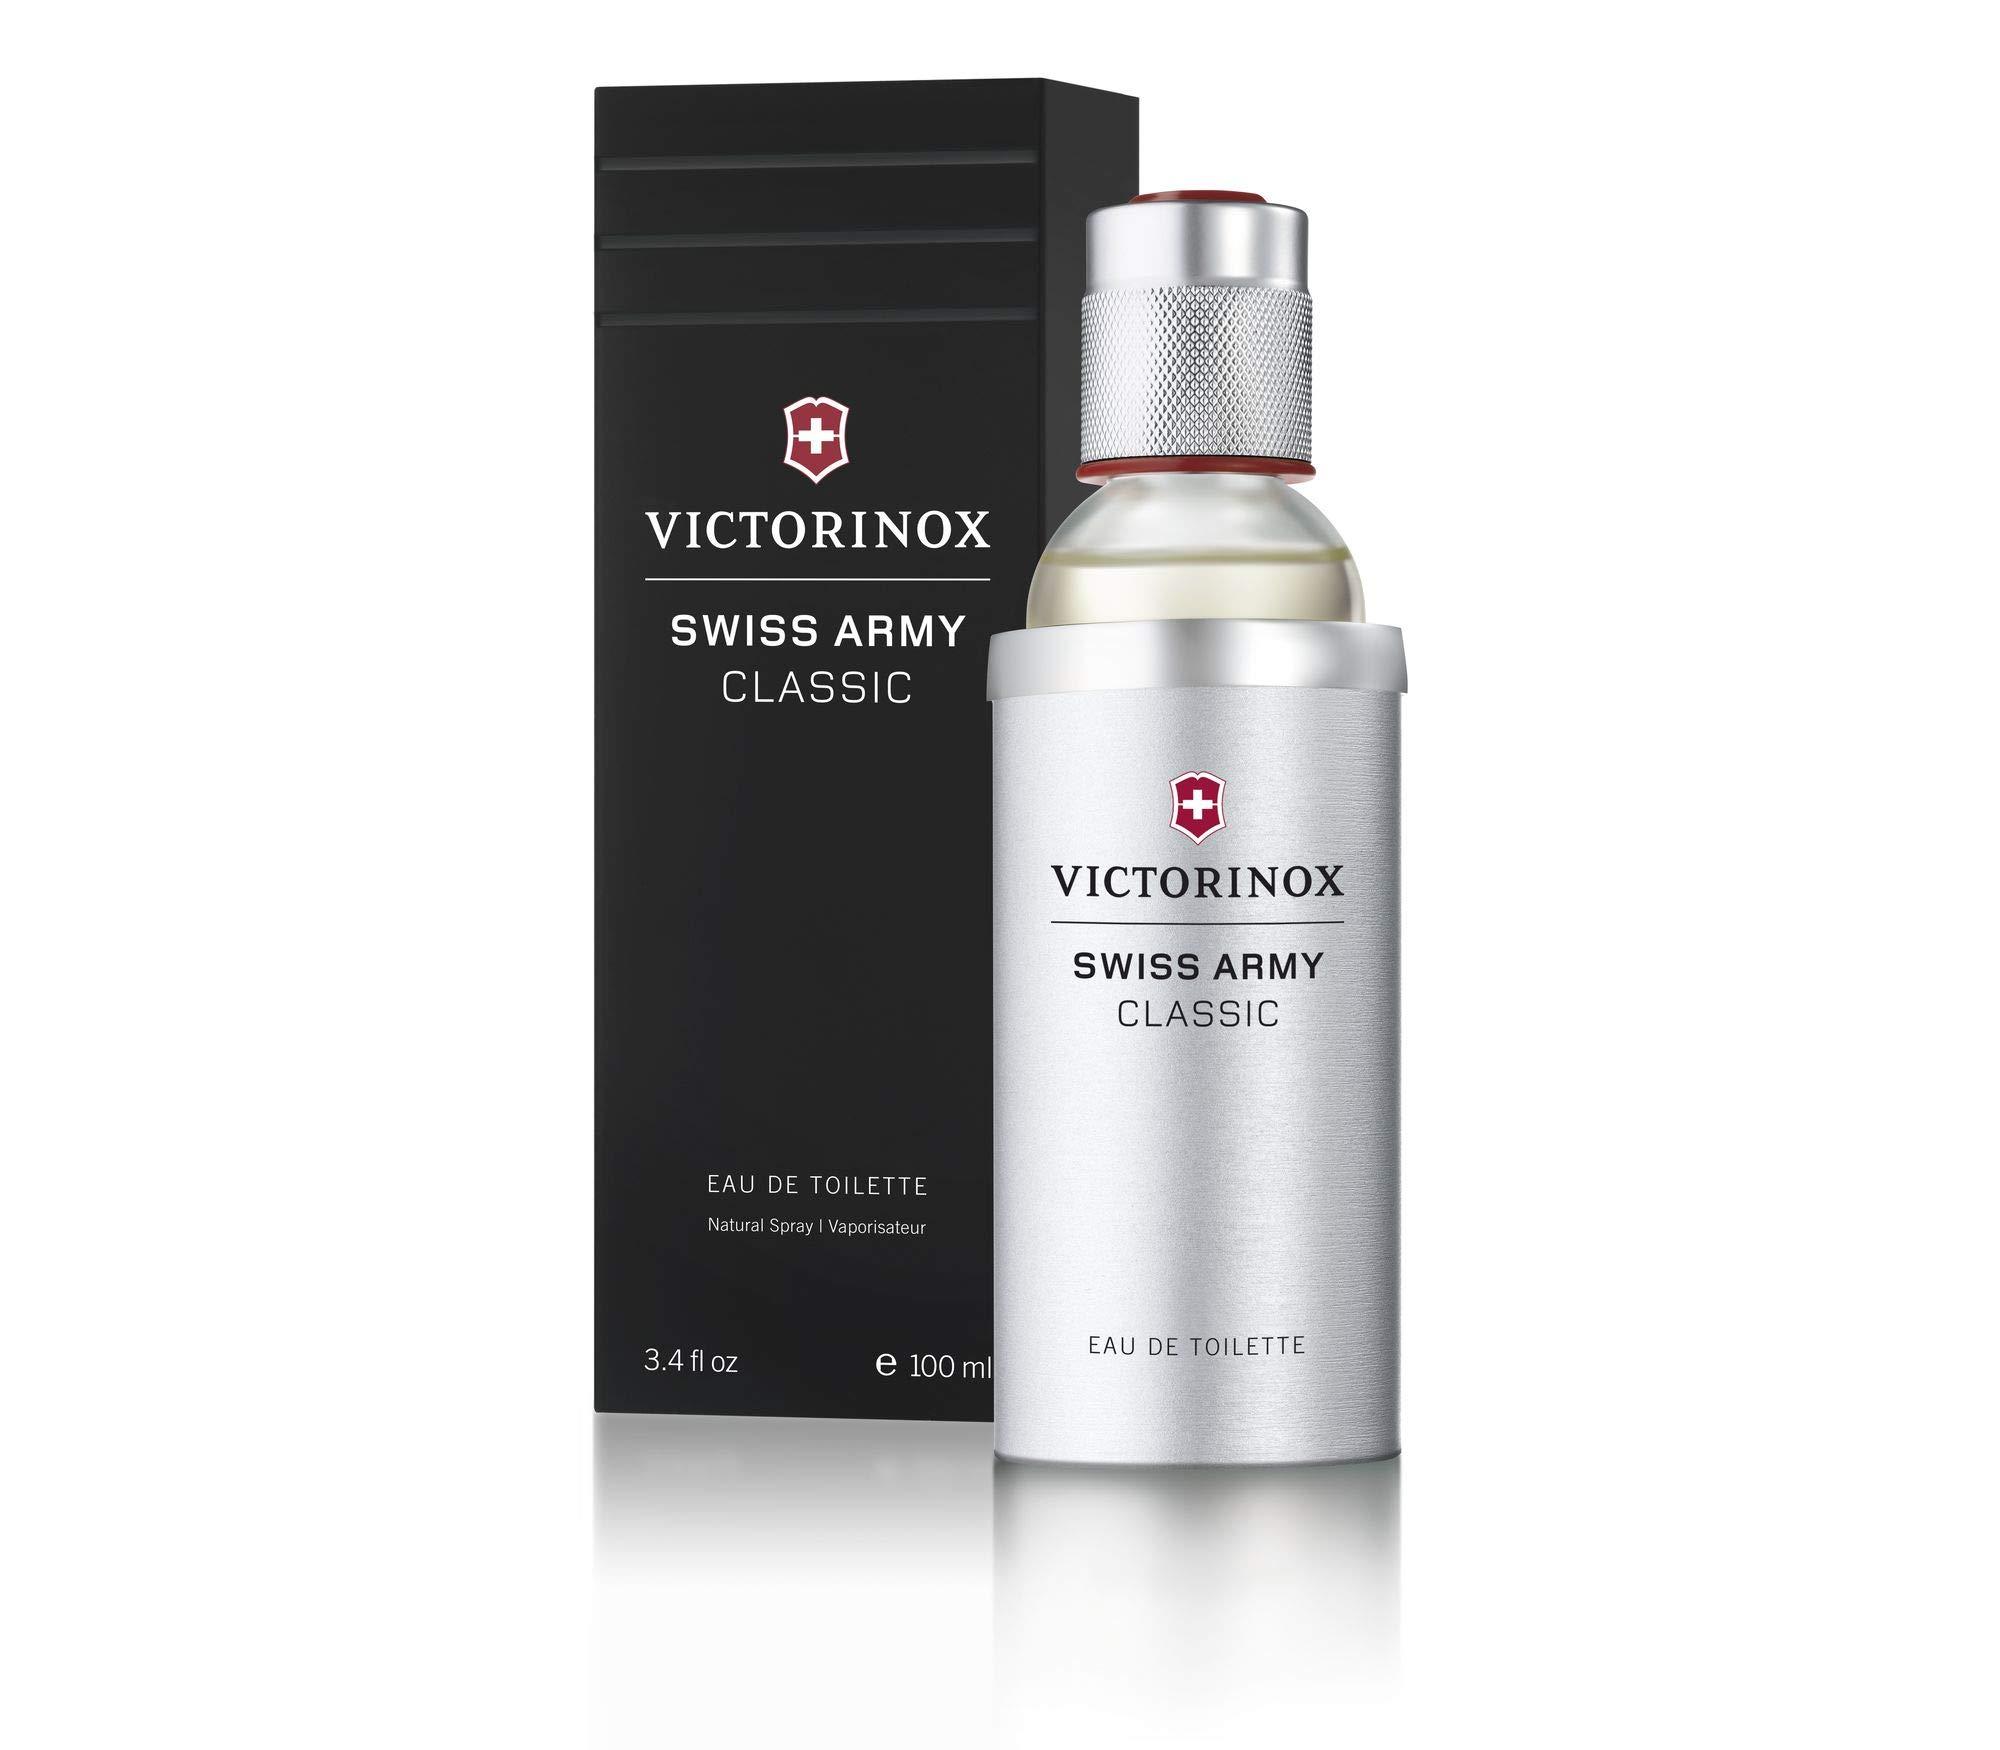 Victorinox Swiss Army Eau de Toilette Spray for Men, 3.4 Ounce by Victorinox